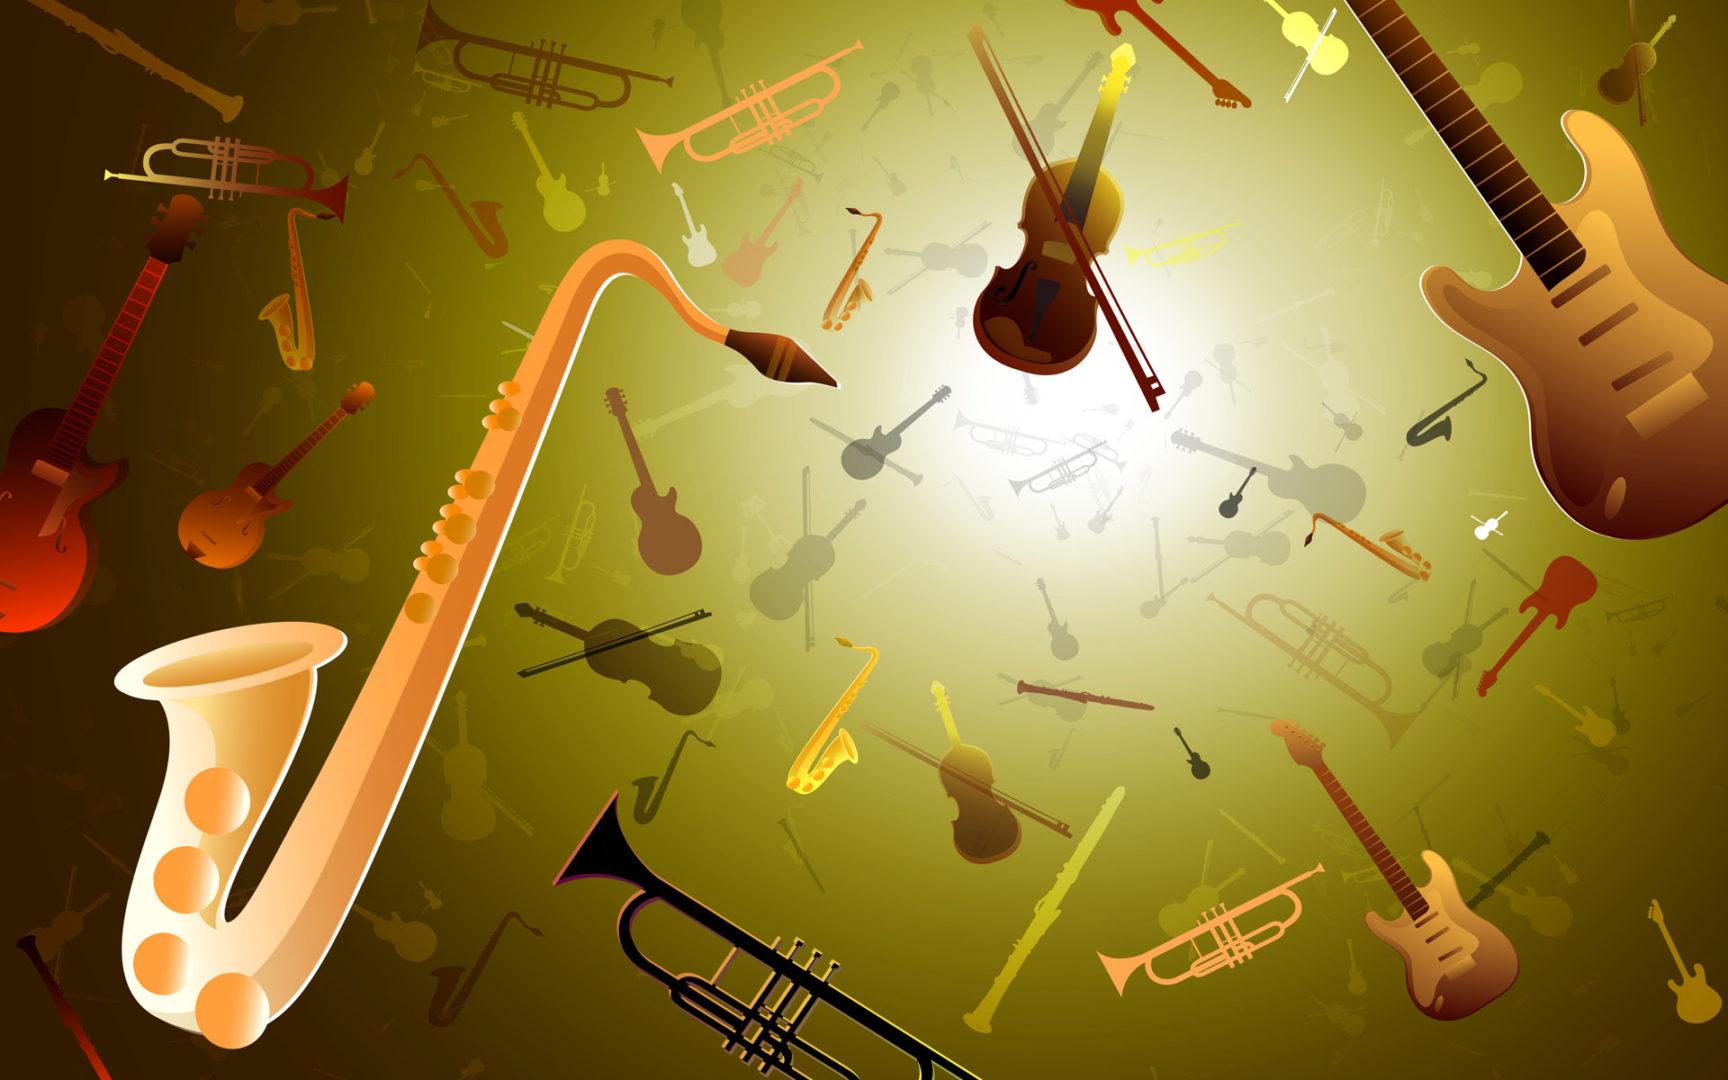 Мастер-класс по игре на музыкальных инструментах